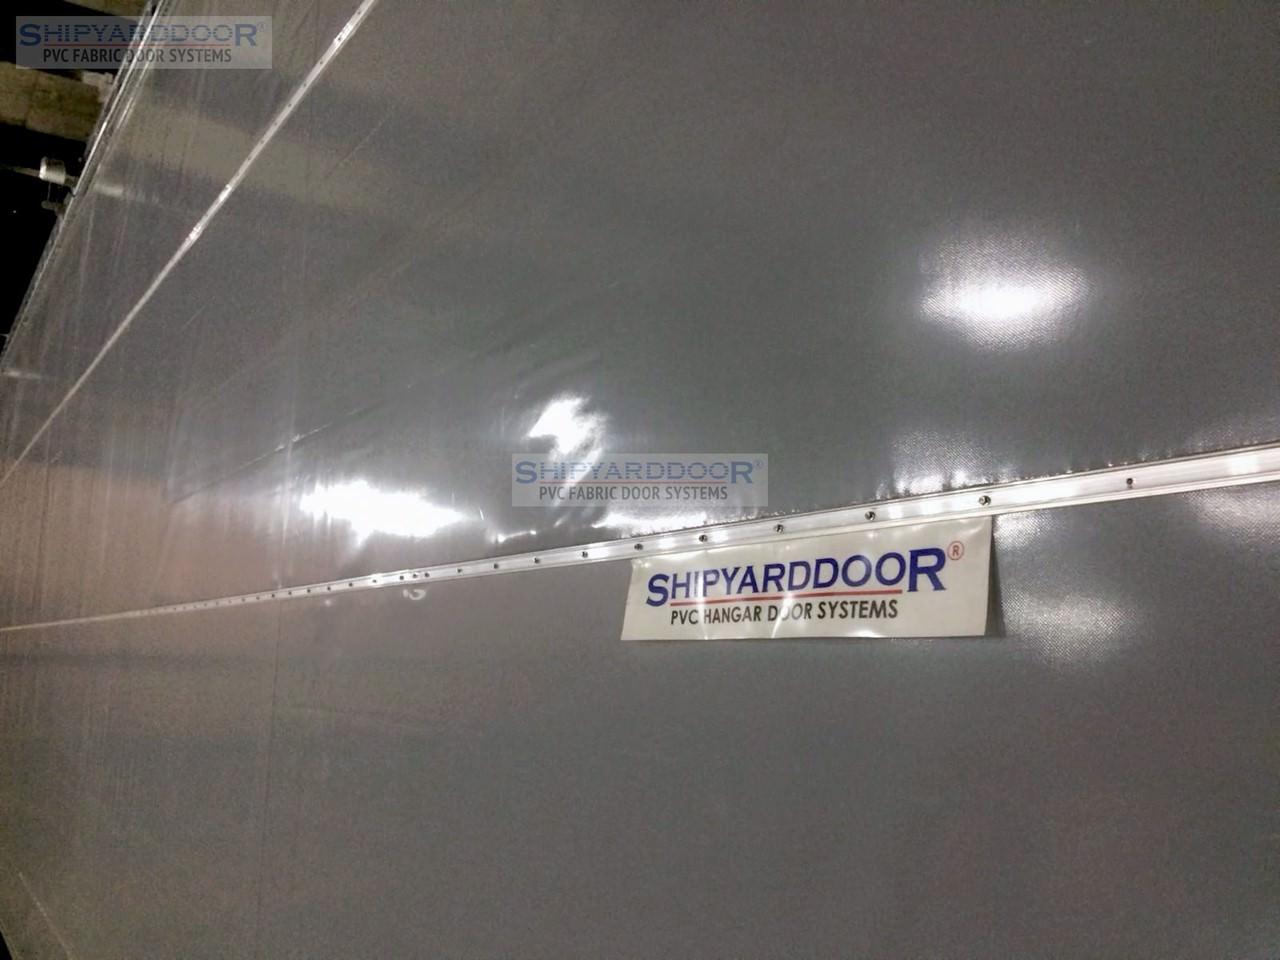 crane door shipyardoor ru en shipyarddoor